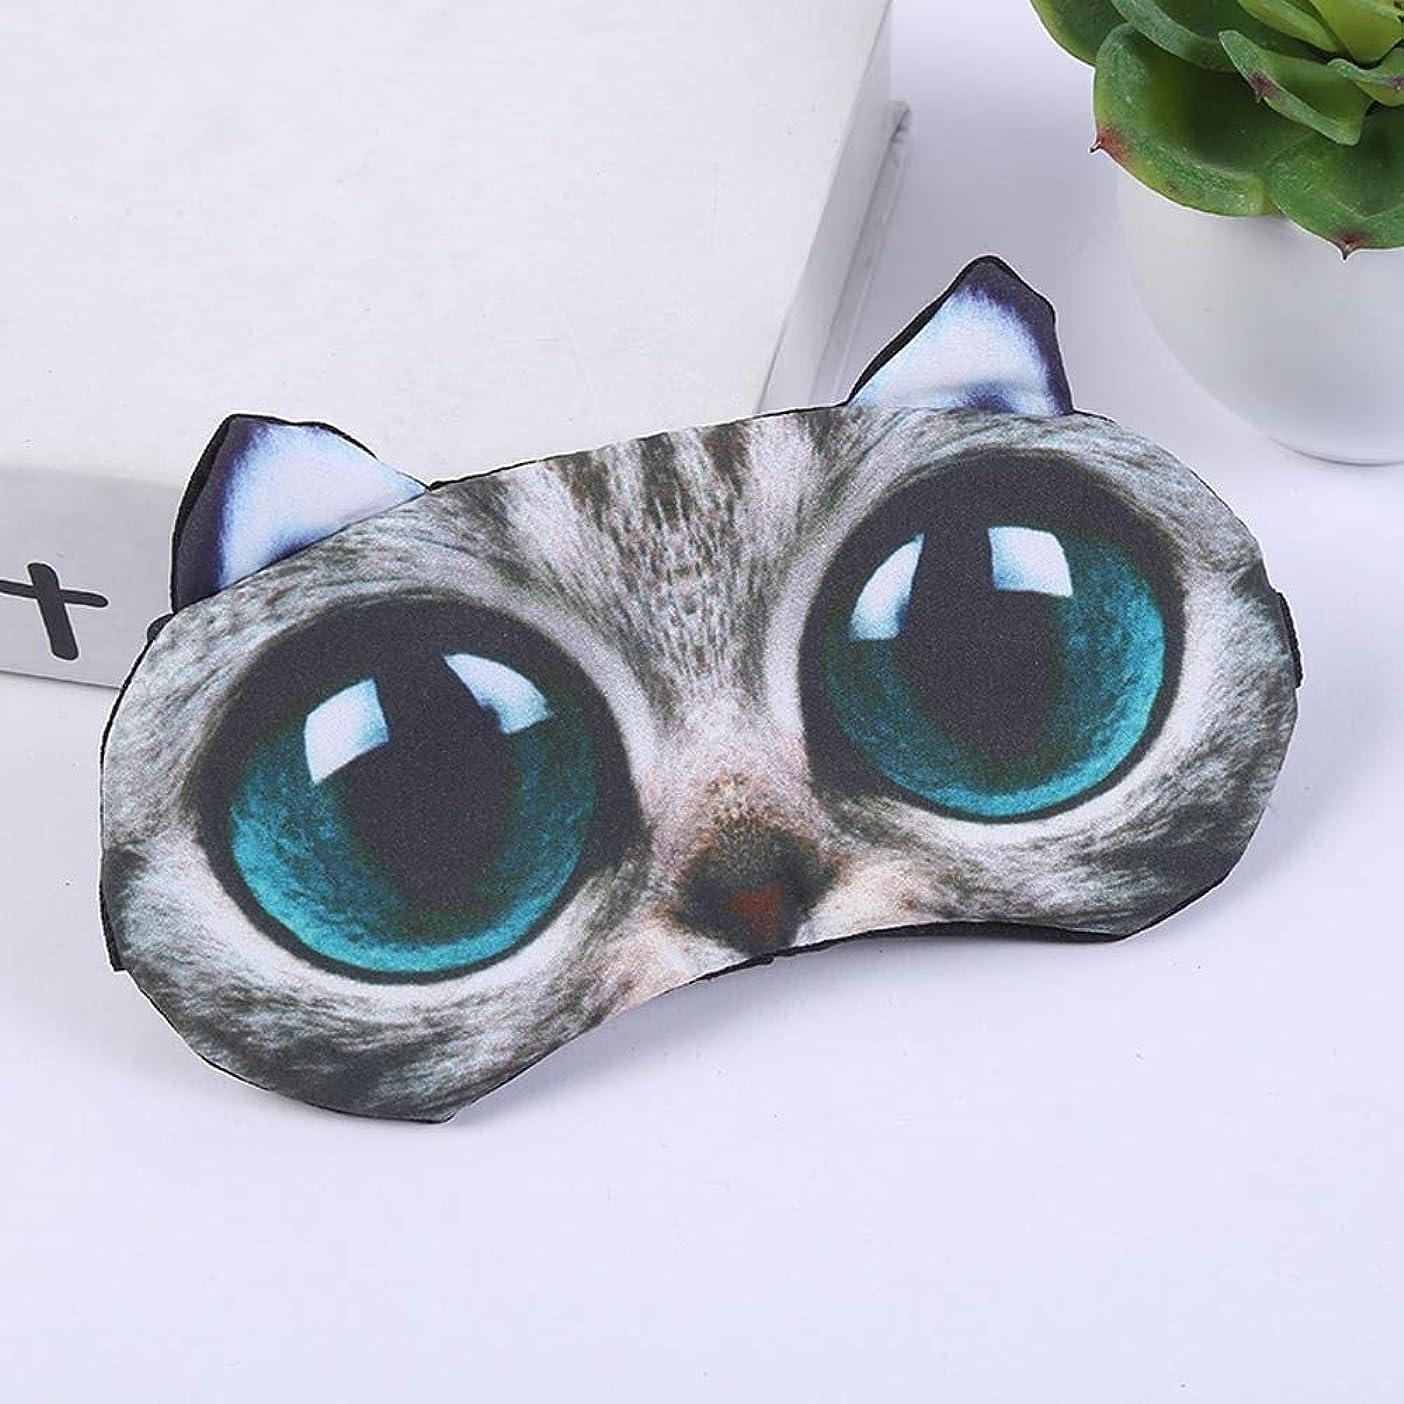 ライフル寛大なカロリーNOTE 3Dかわいい動物アイシェードアイカバーアイマスクスリーピングアイマスクエイドパッチレスト面白いアイシェード調節可能な睡眠いびきナイトマスク